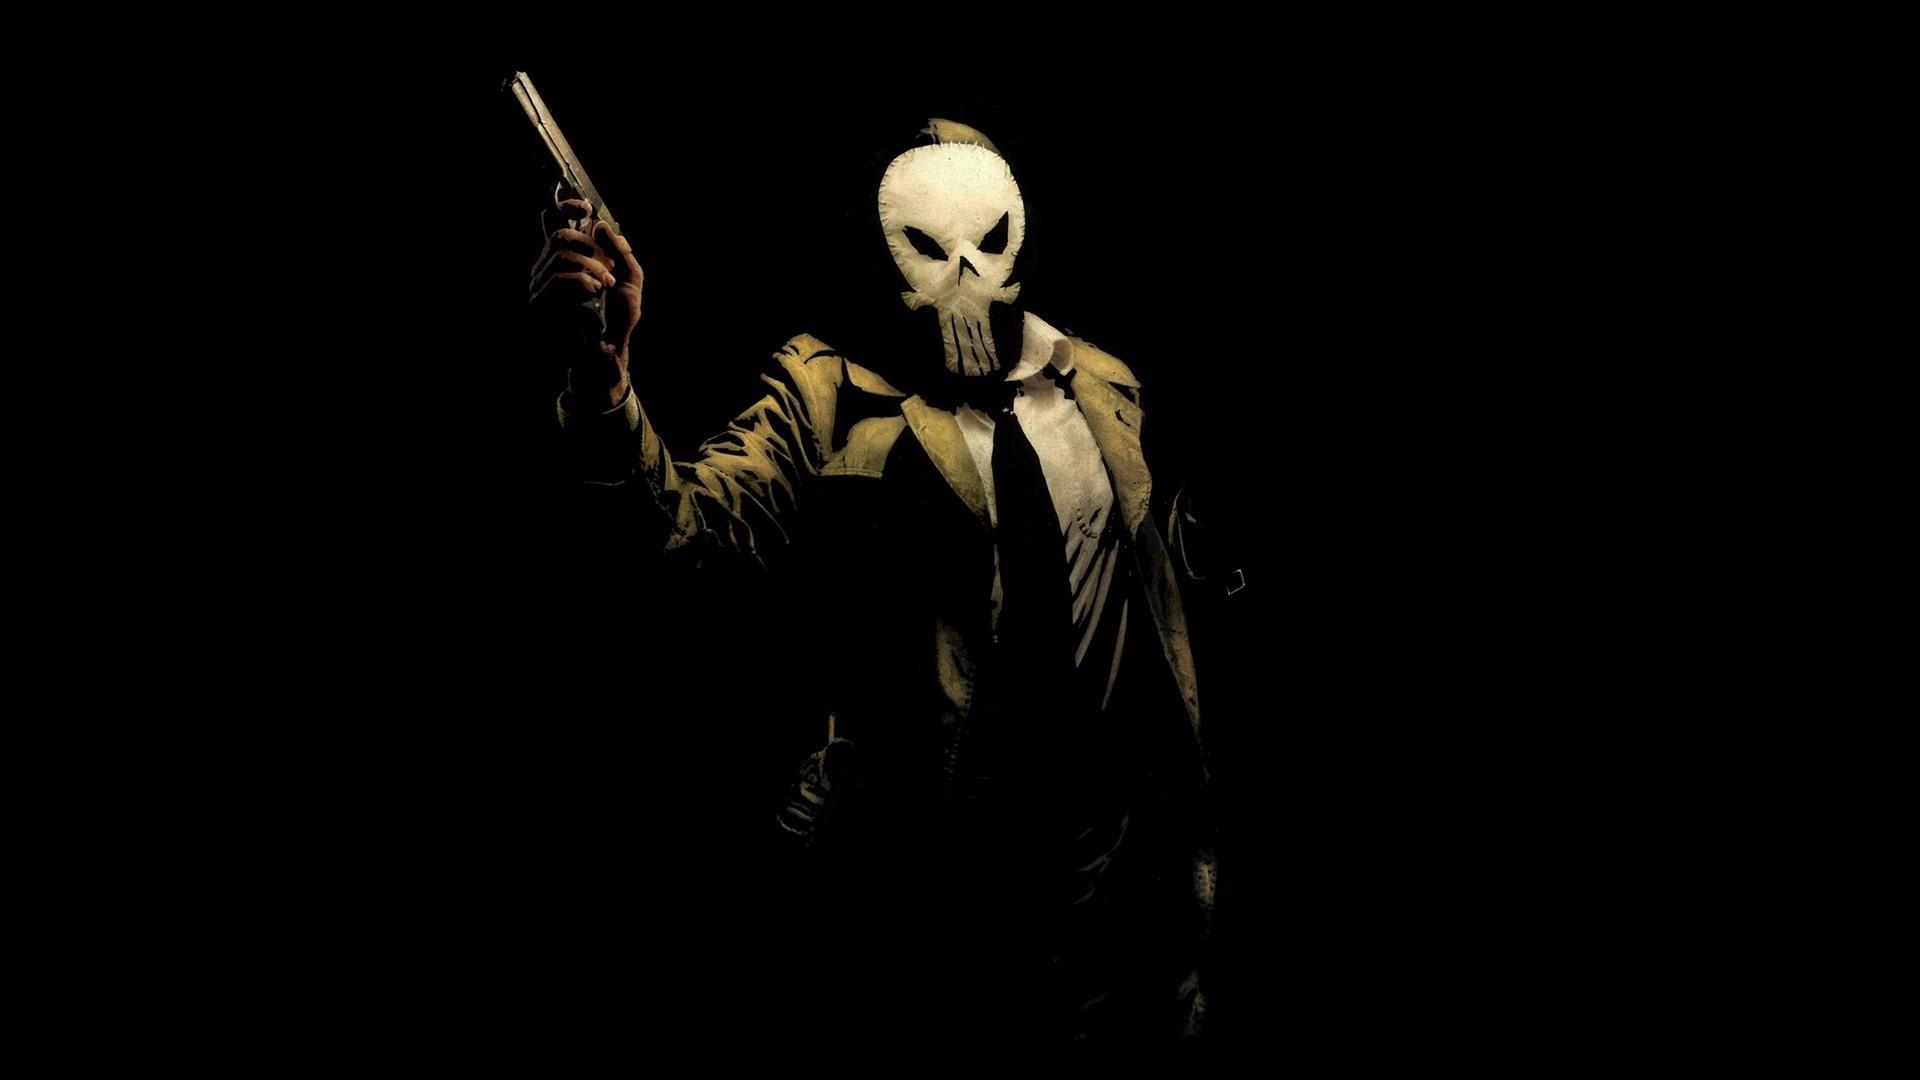 The Punisher Skull Wallpaper 59 Images